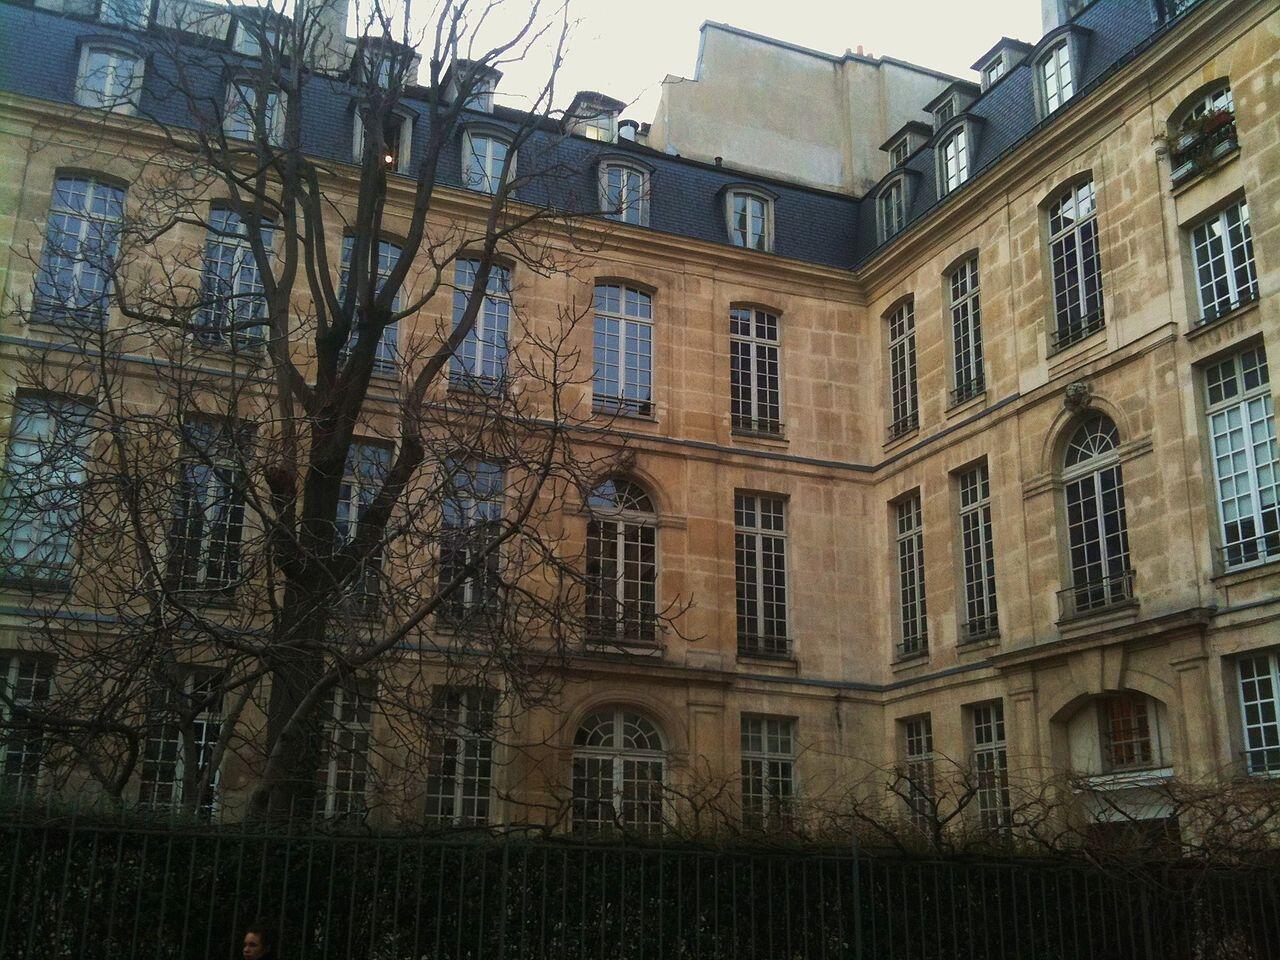 Maison européenne de la photographie.